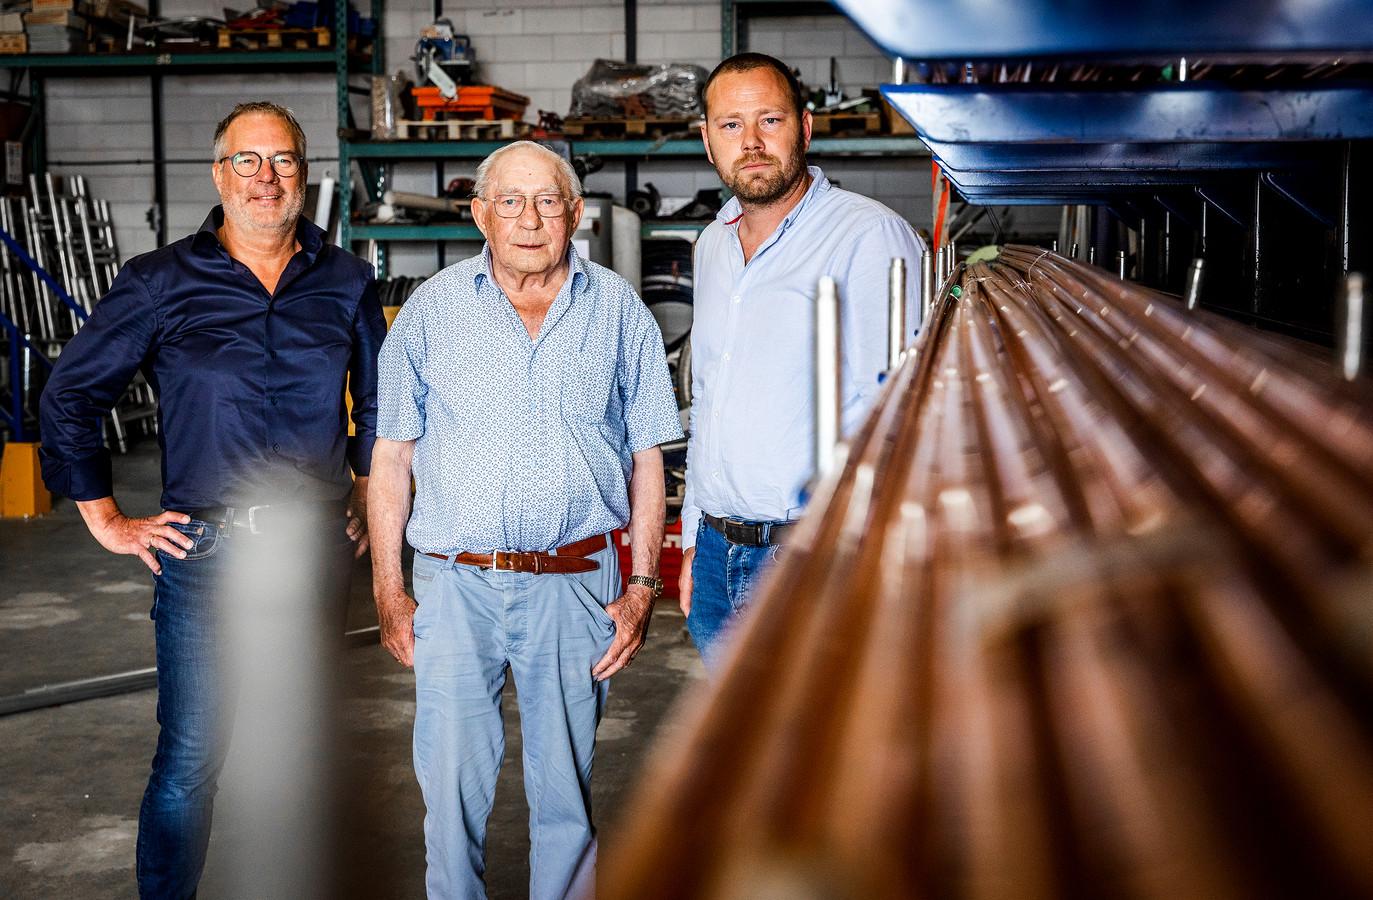 Van links naar rechts: Henry Korevaar, Ad Korevaar en toekomstig bedrijfsleider Huib van Duin. ,,Ik werd er altijd zenuwachtig van als ik aan het werk was en werd afgeleid'', zegt de 84-jarige Ad.